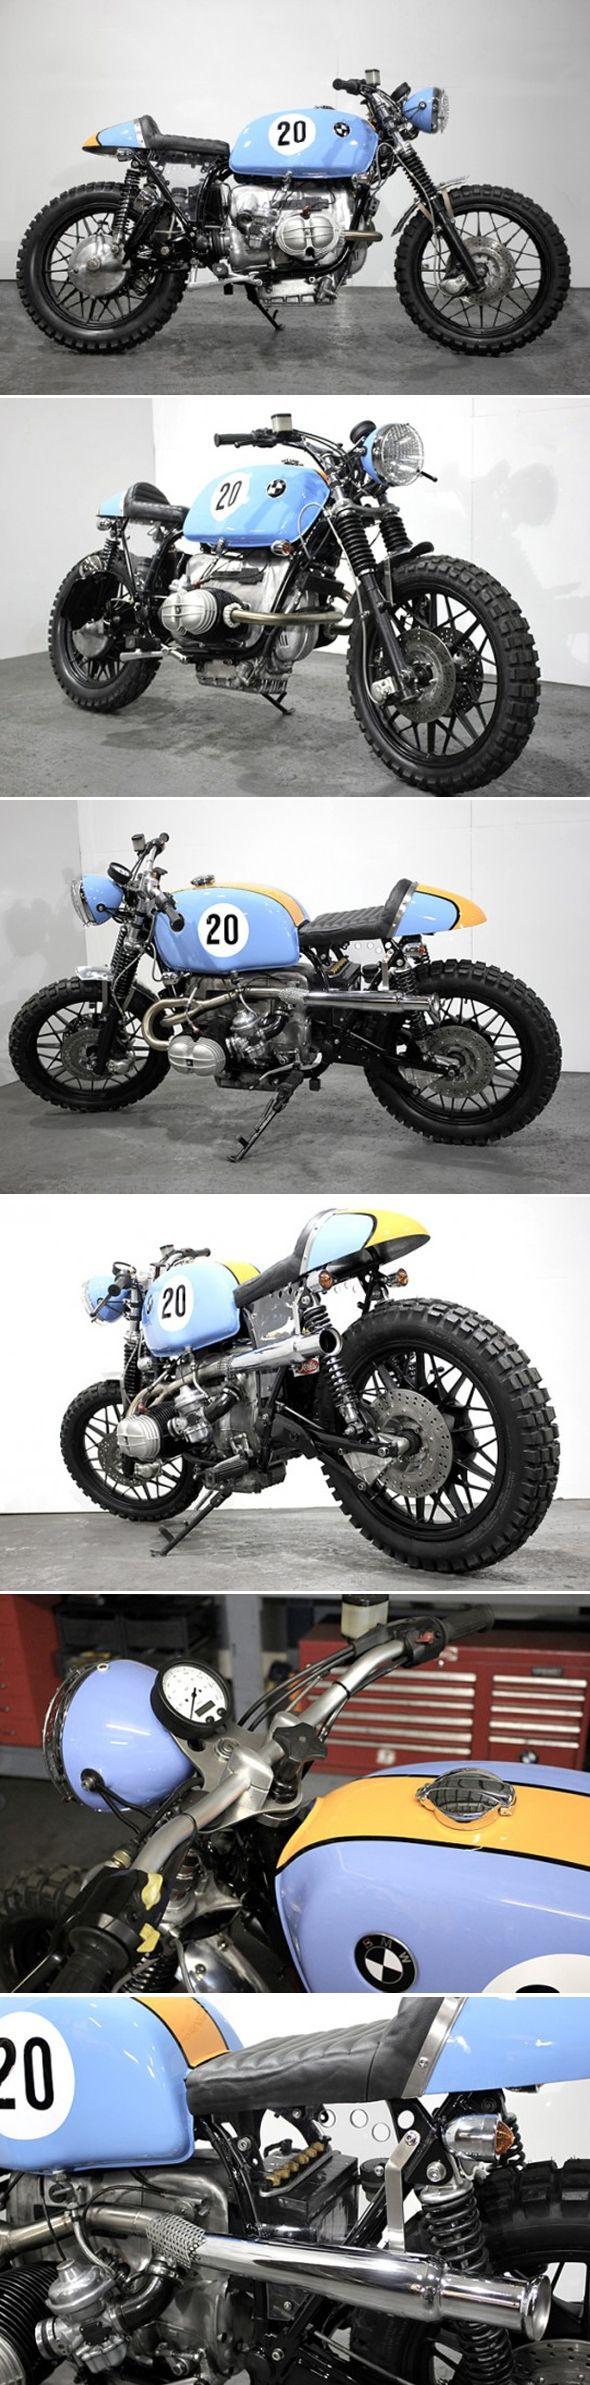 Scrambler-1000cc-Le-Mans-par-Speed-Shop-Kevils-2